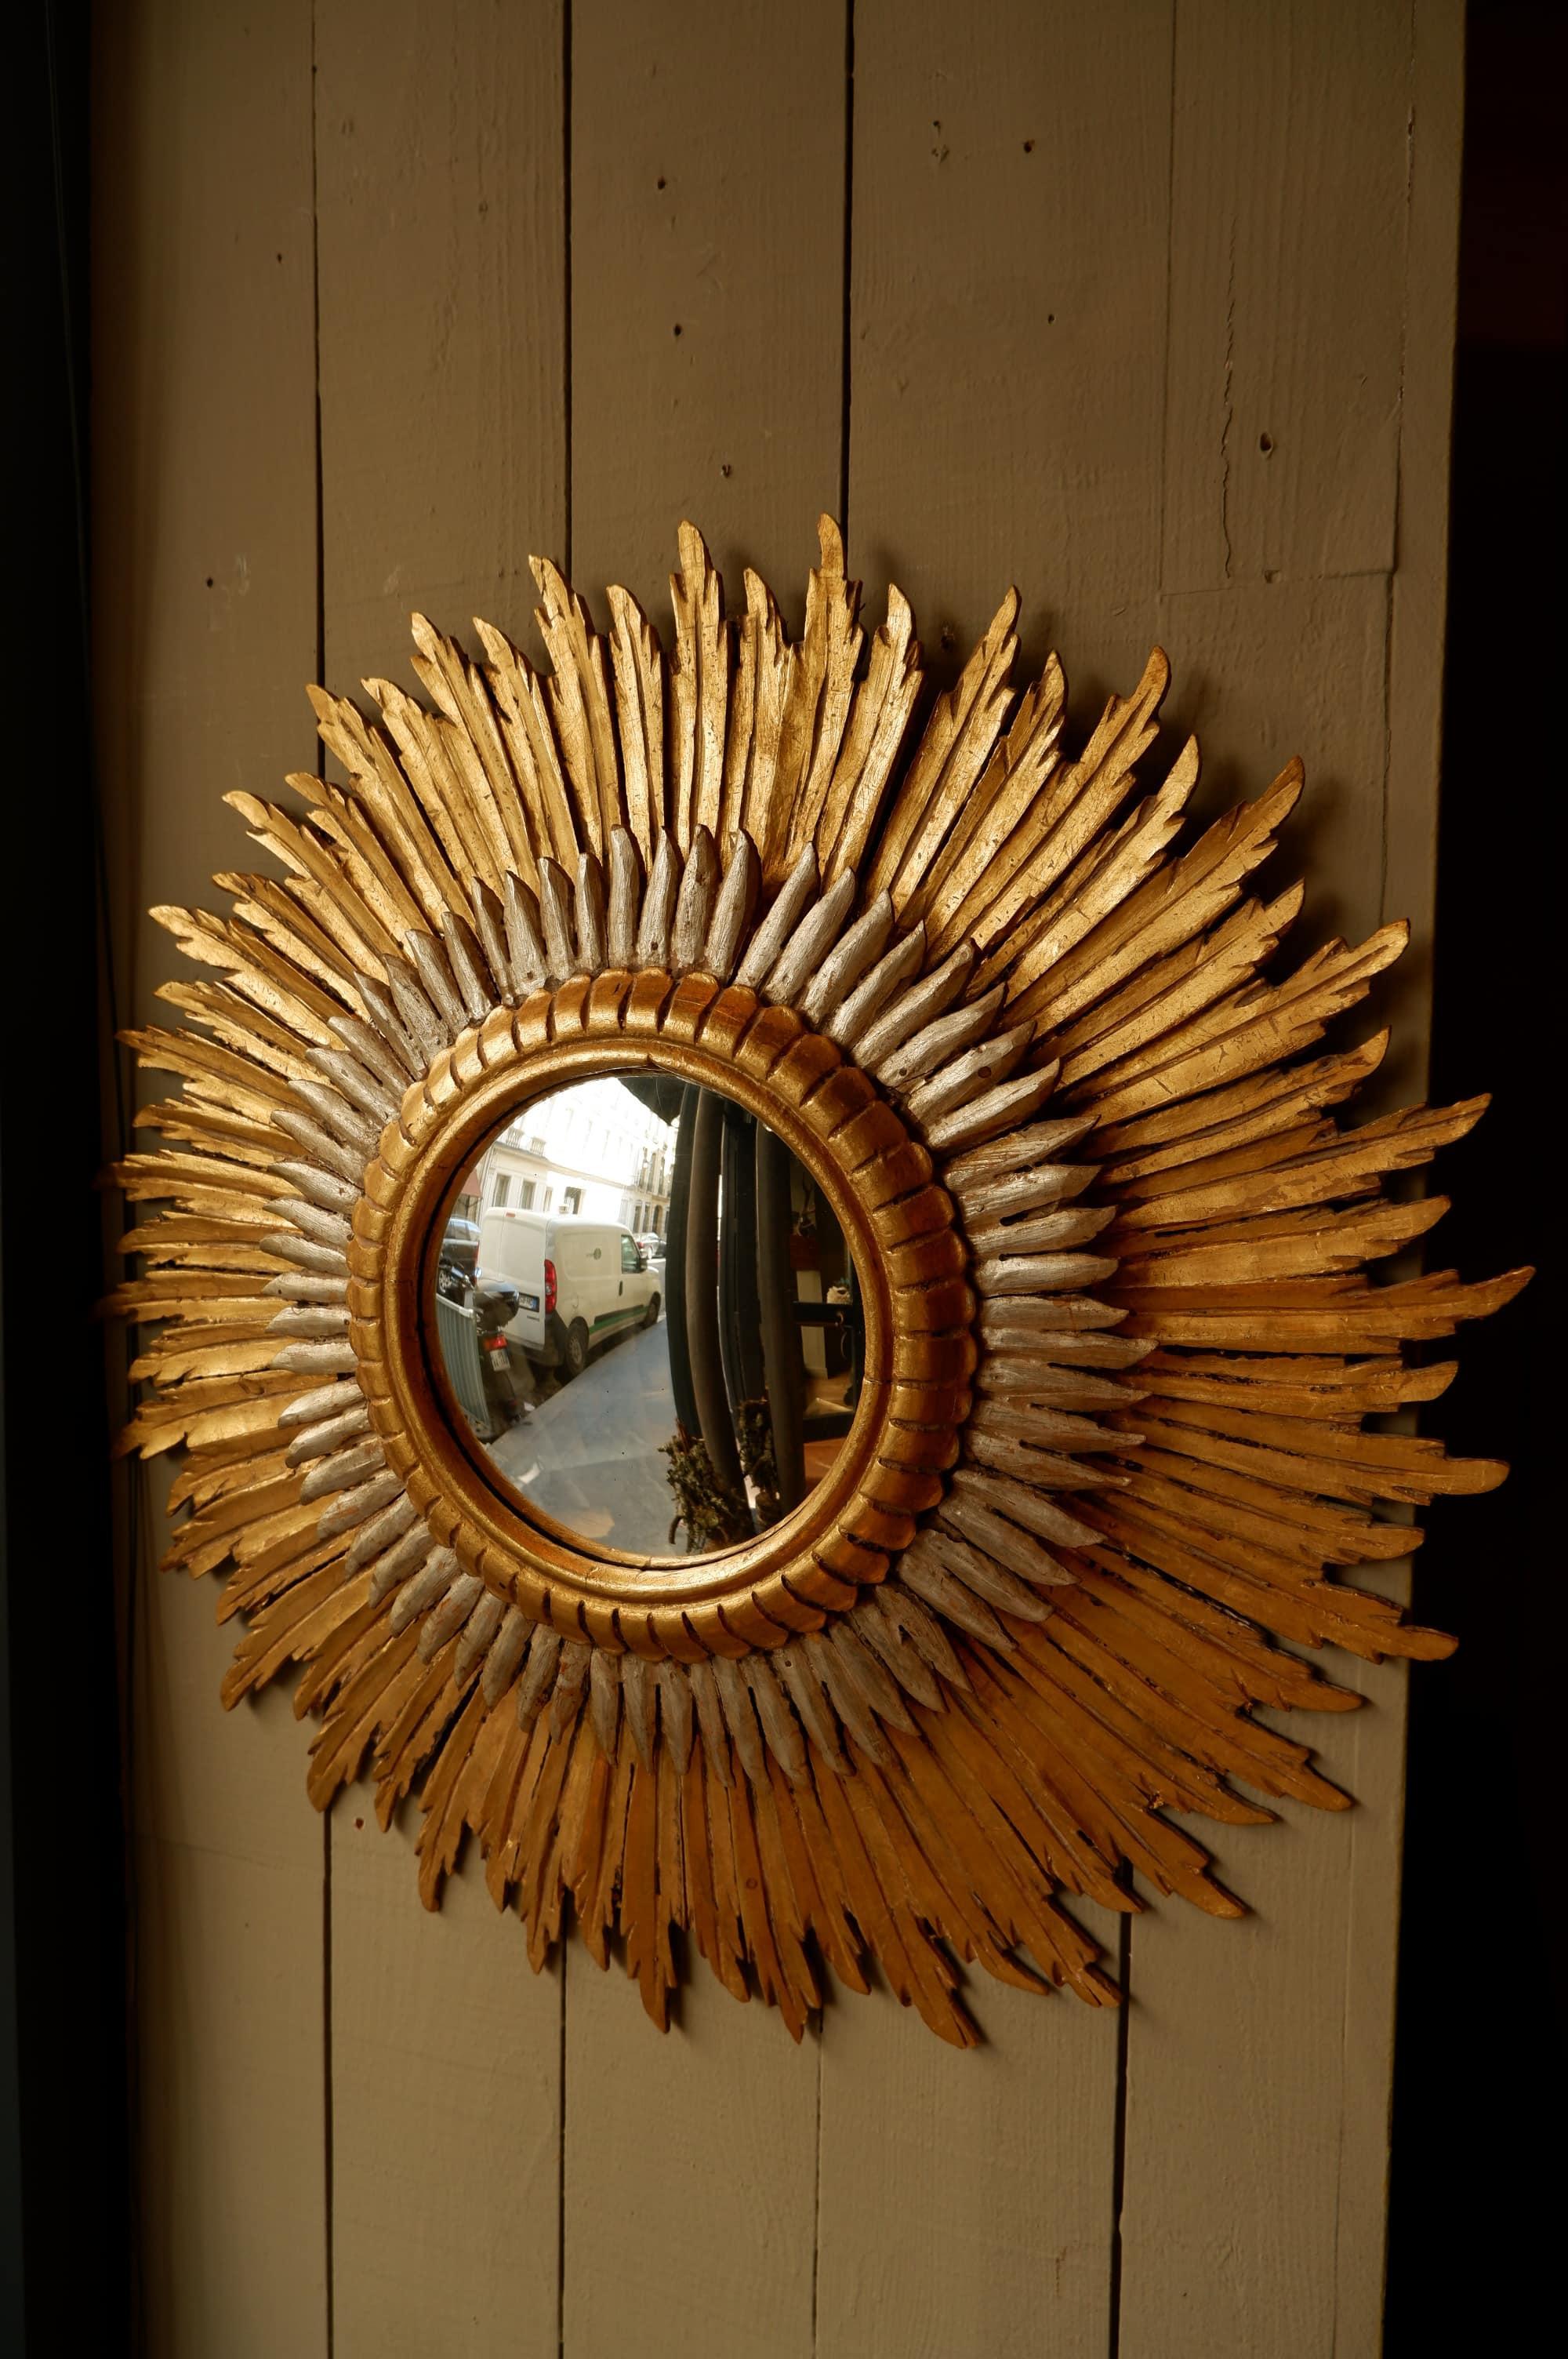 Miroir soleil patine or et argent ca.1900